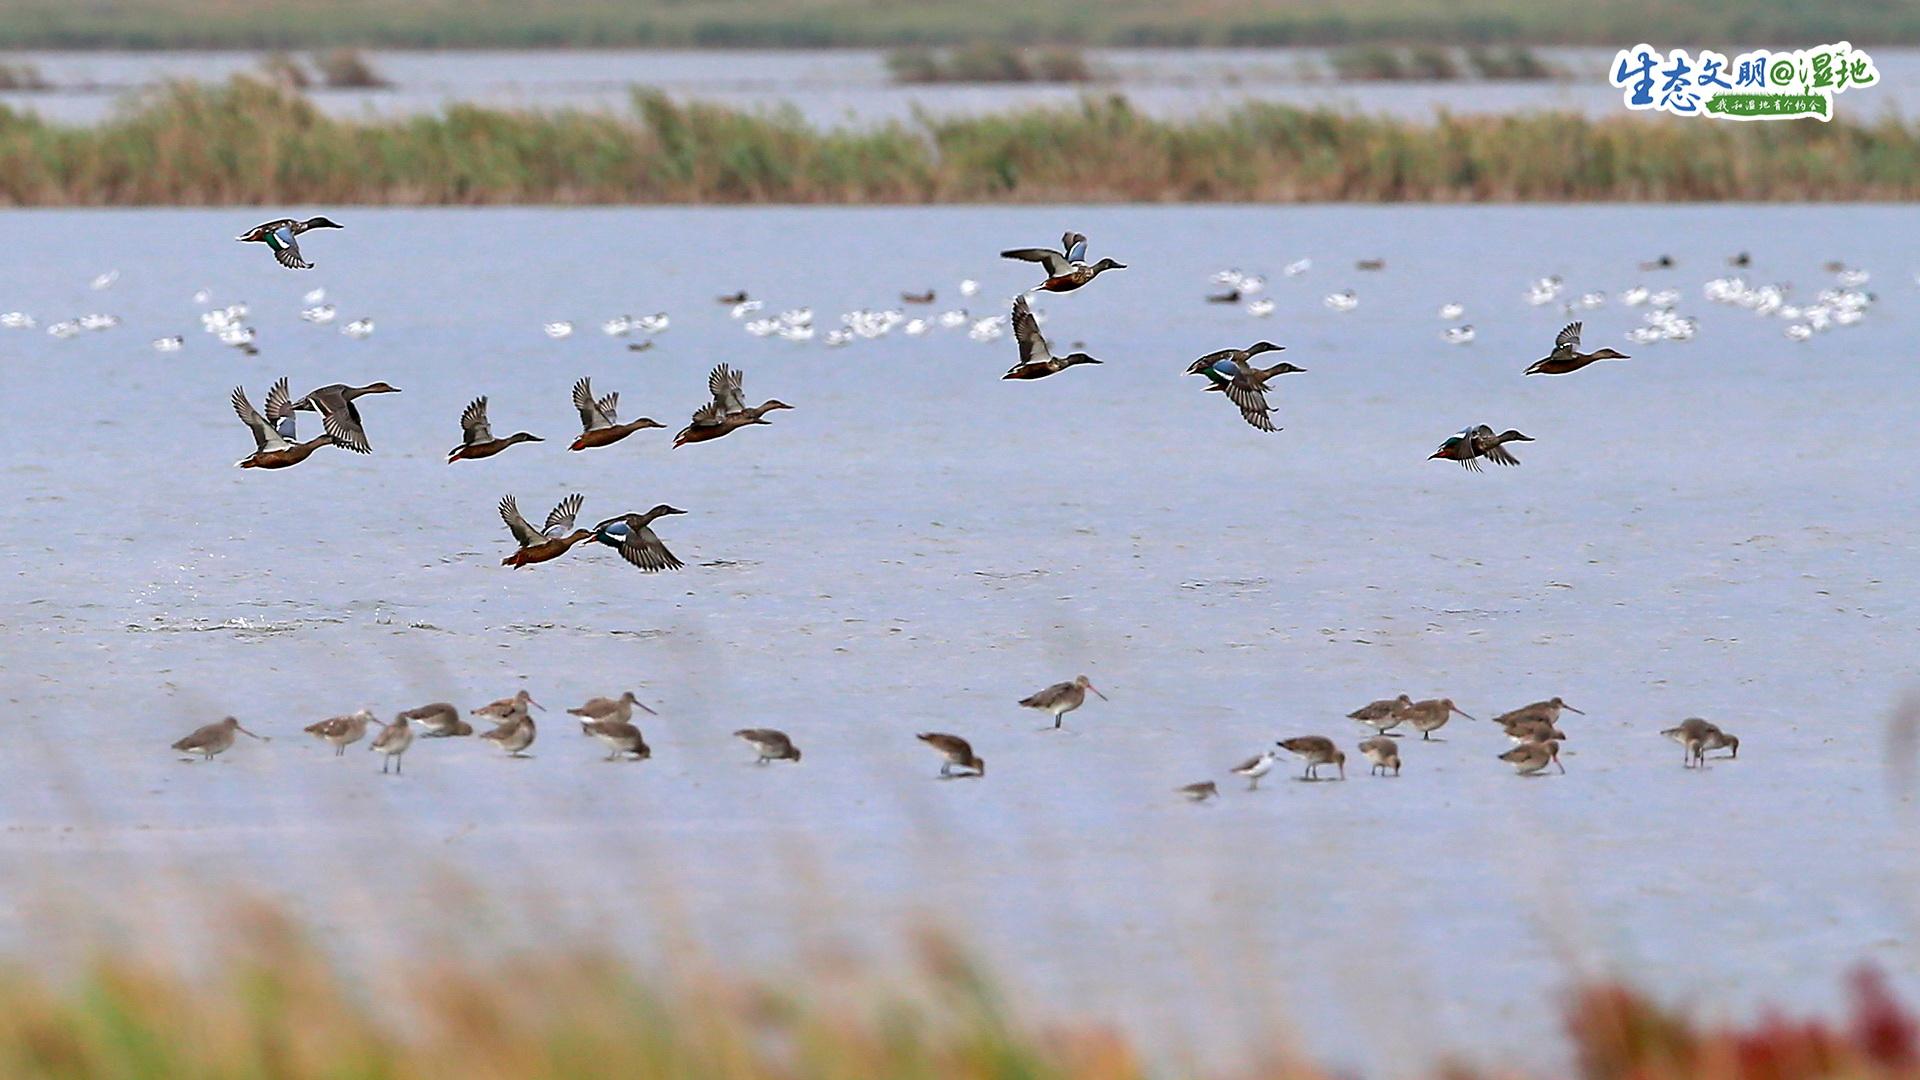 在北大港湿地上空,鸟群肆意翱翔。<br/>